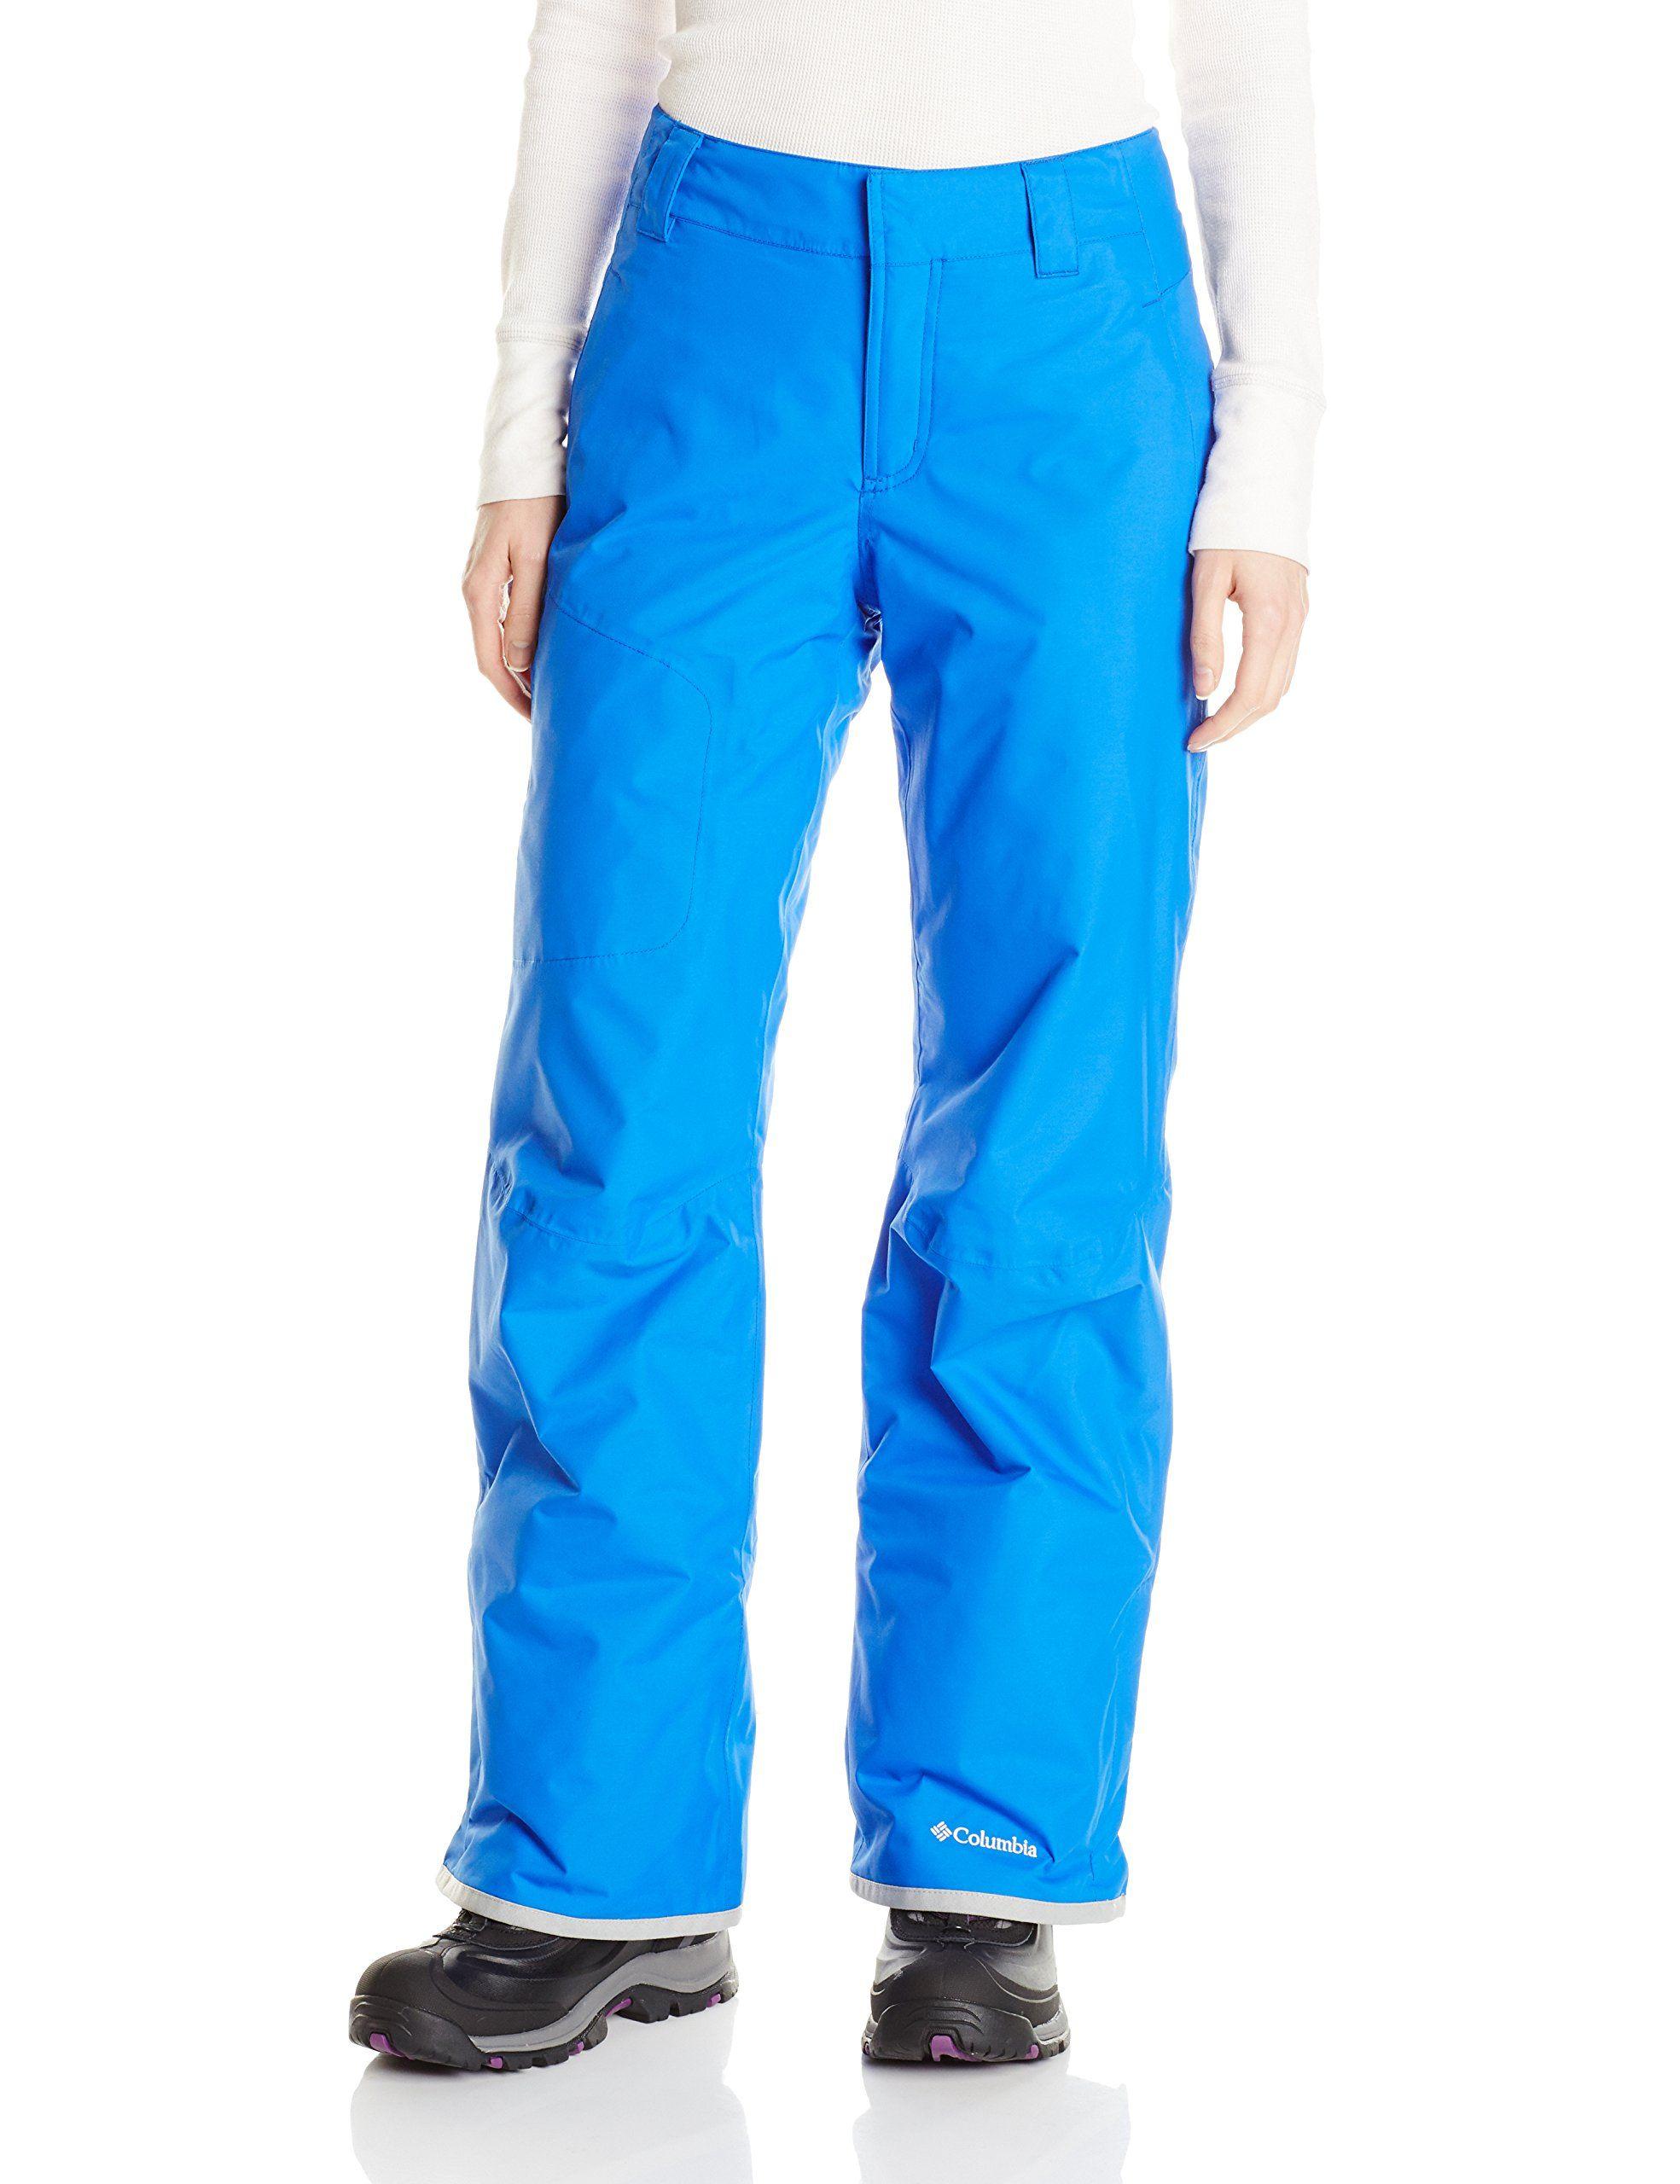 39f710fea83af Columbia Women's High Volt II Pant, Blue Macaw, Medium/Short. Zip ...